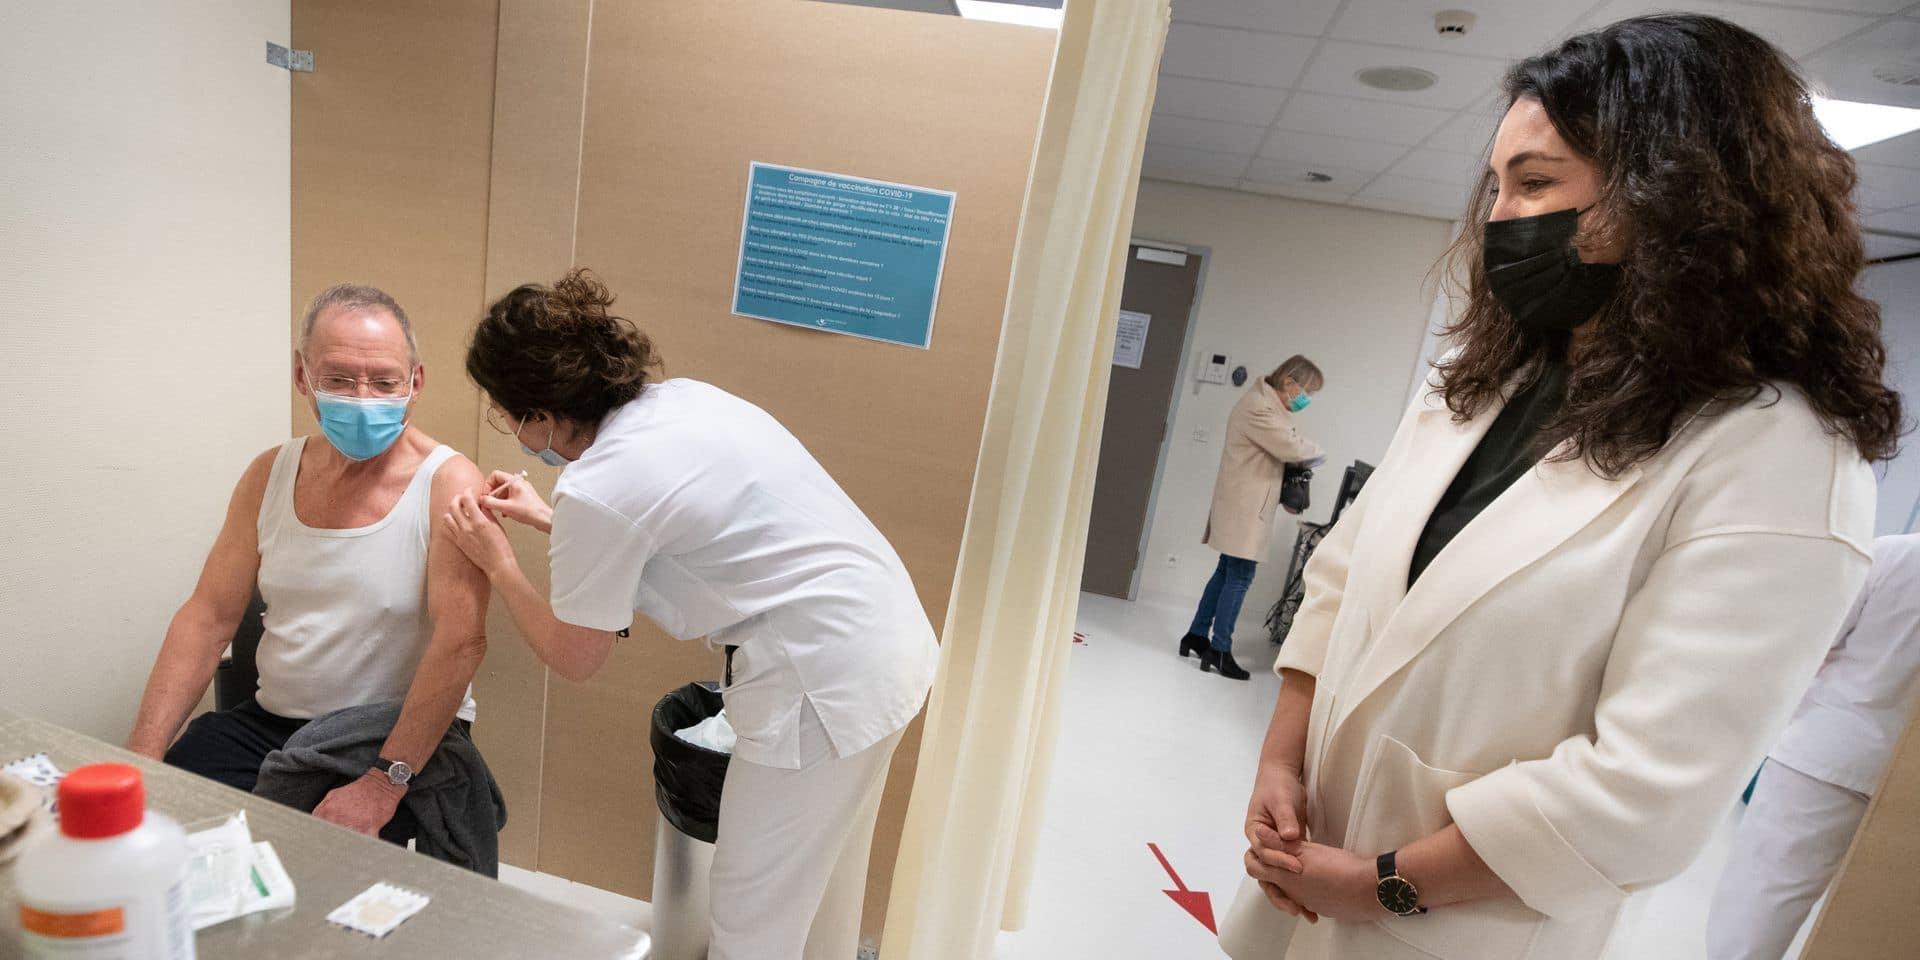 La vaccination wallonne coûtera-t-elle à la Flandre ? Le coût du vaccin prend une tournure communautaire